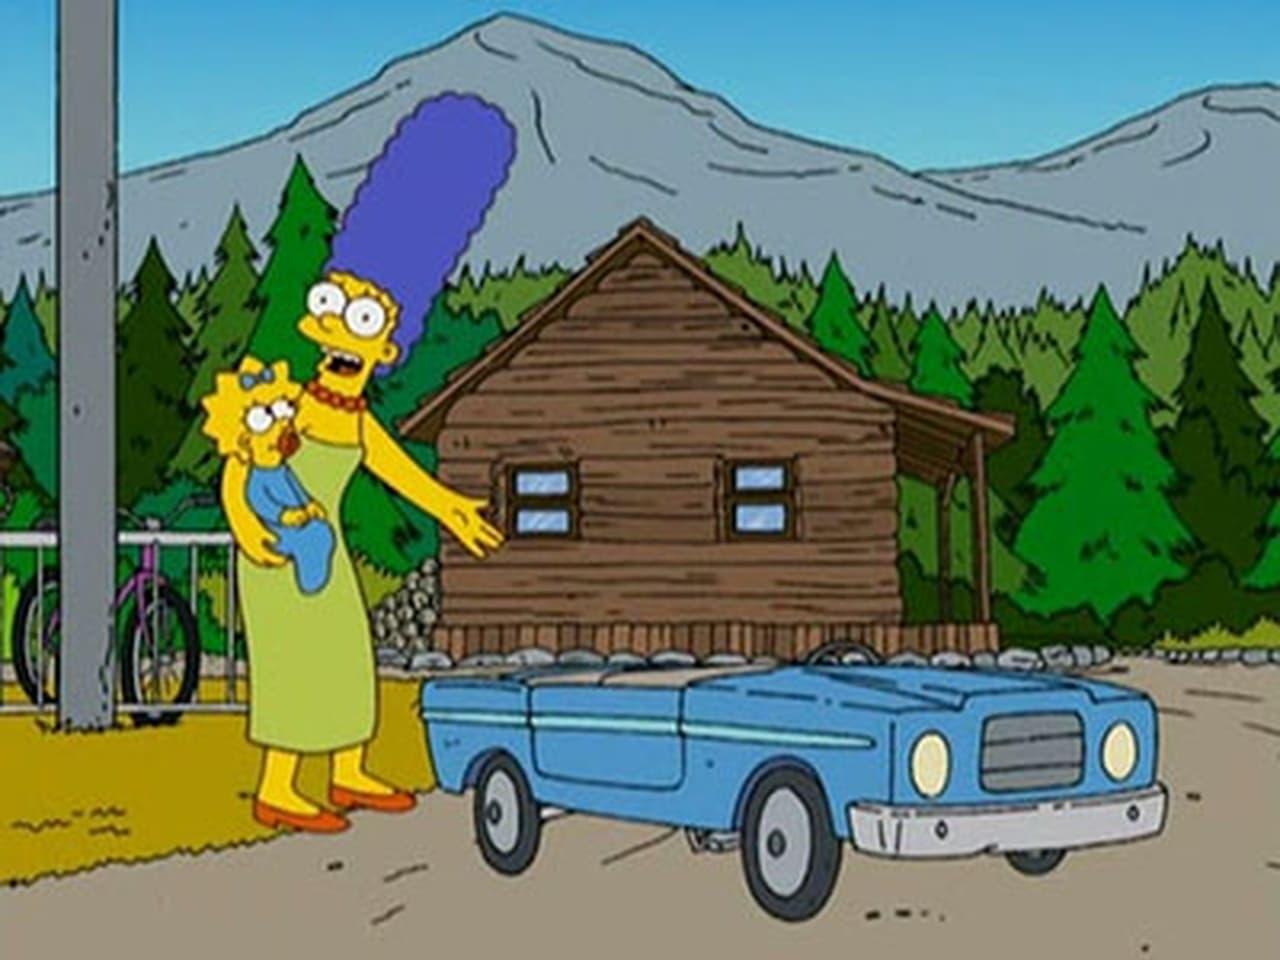 The Simpsons - Season 20 Episode 5 : Dangerous Curves